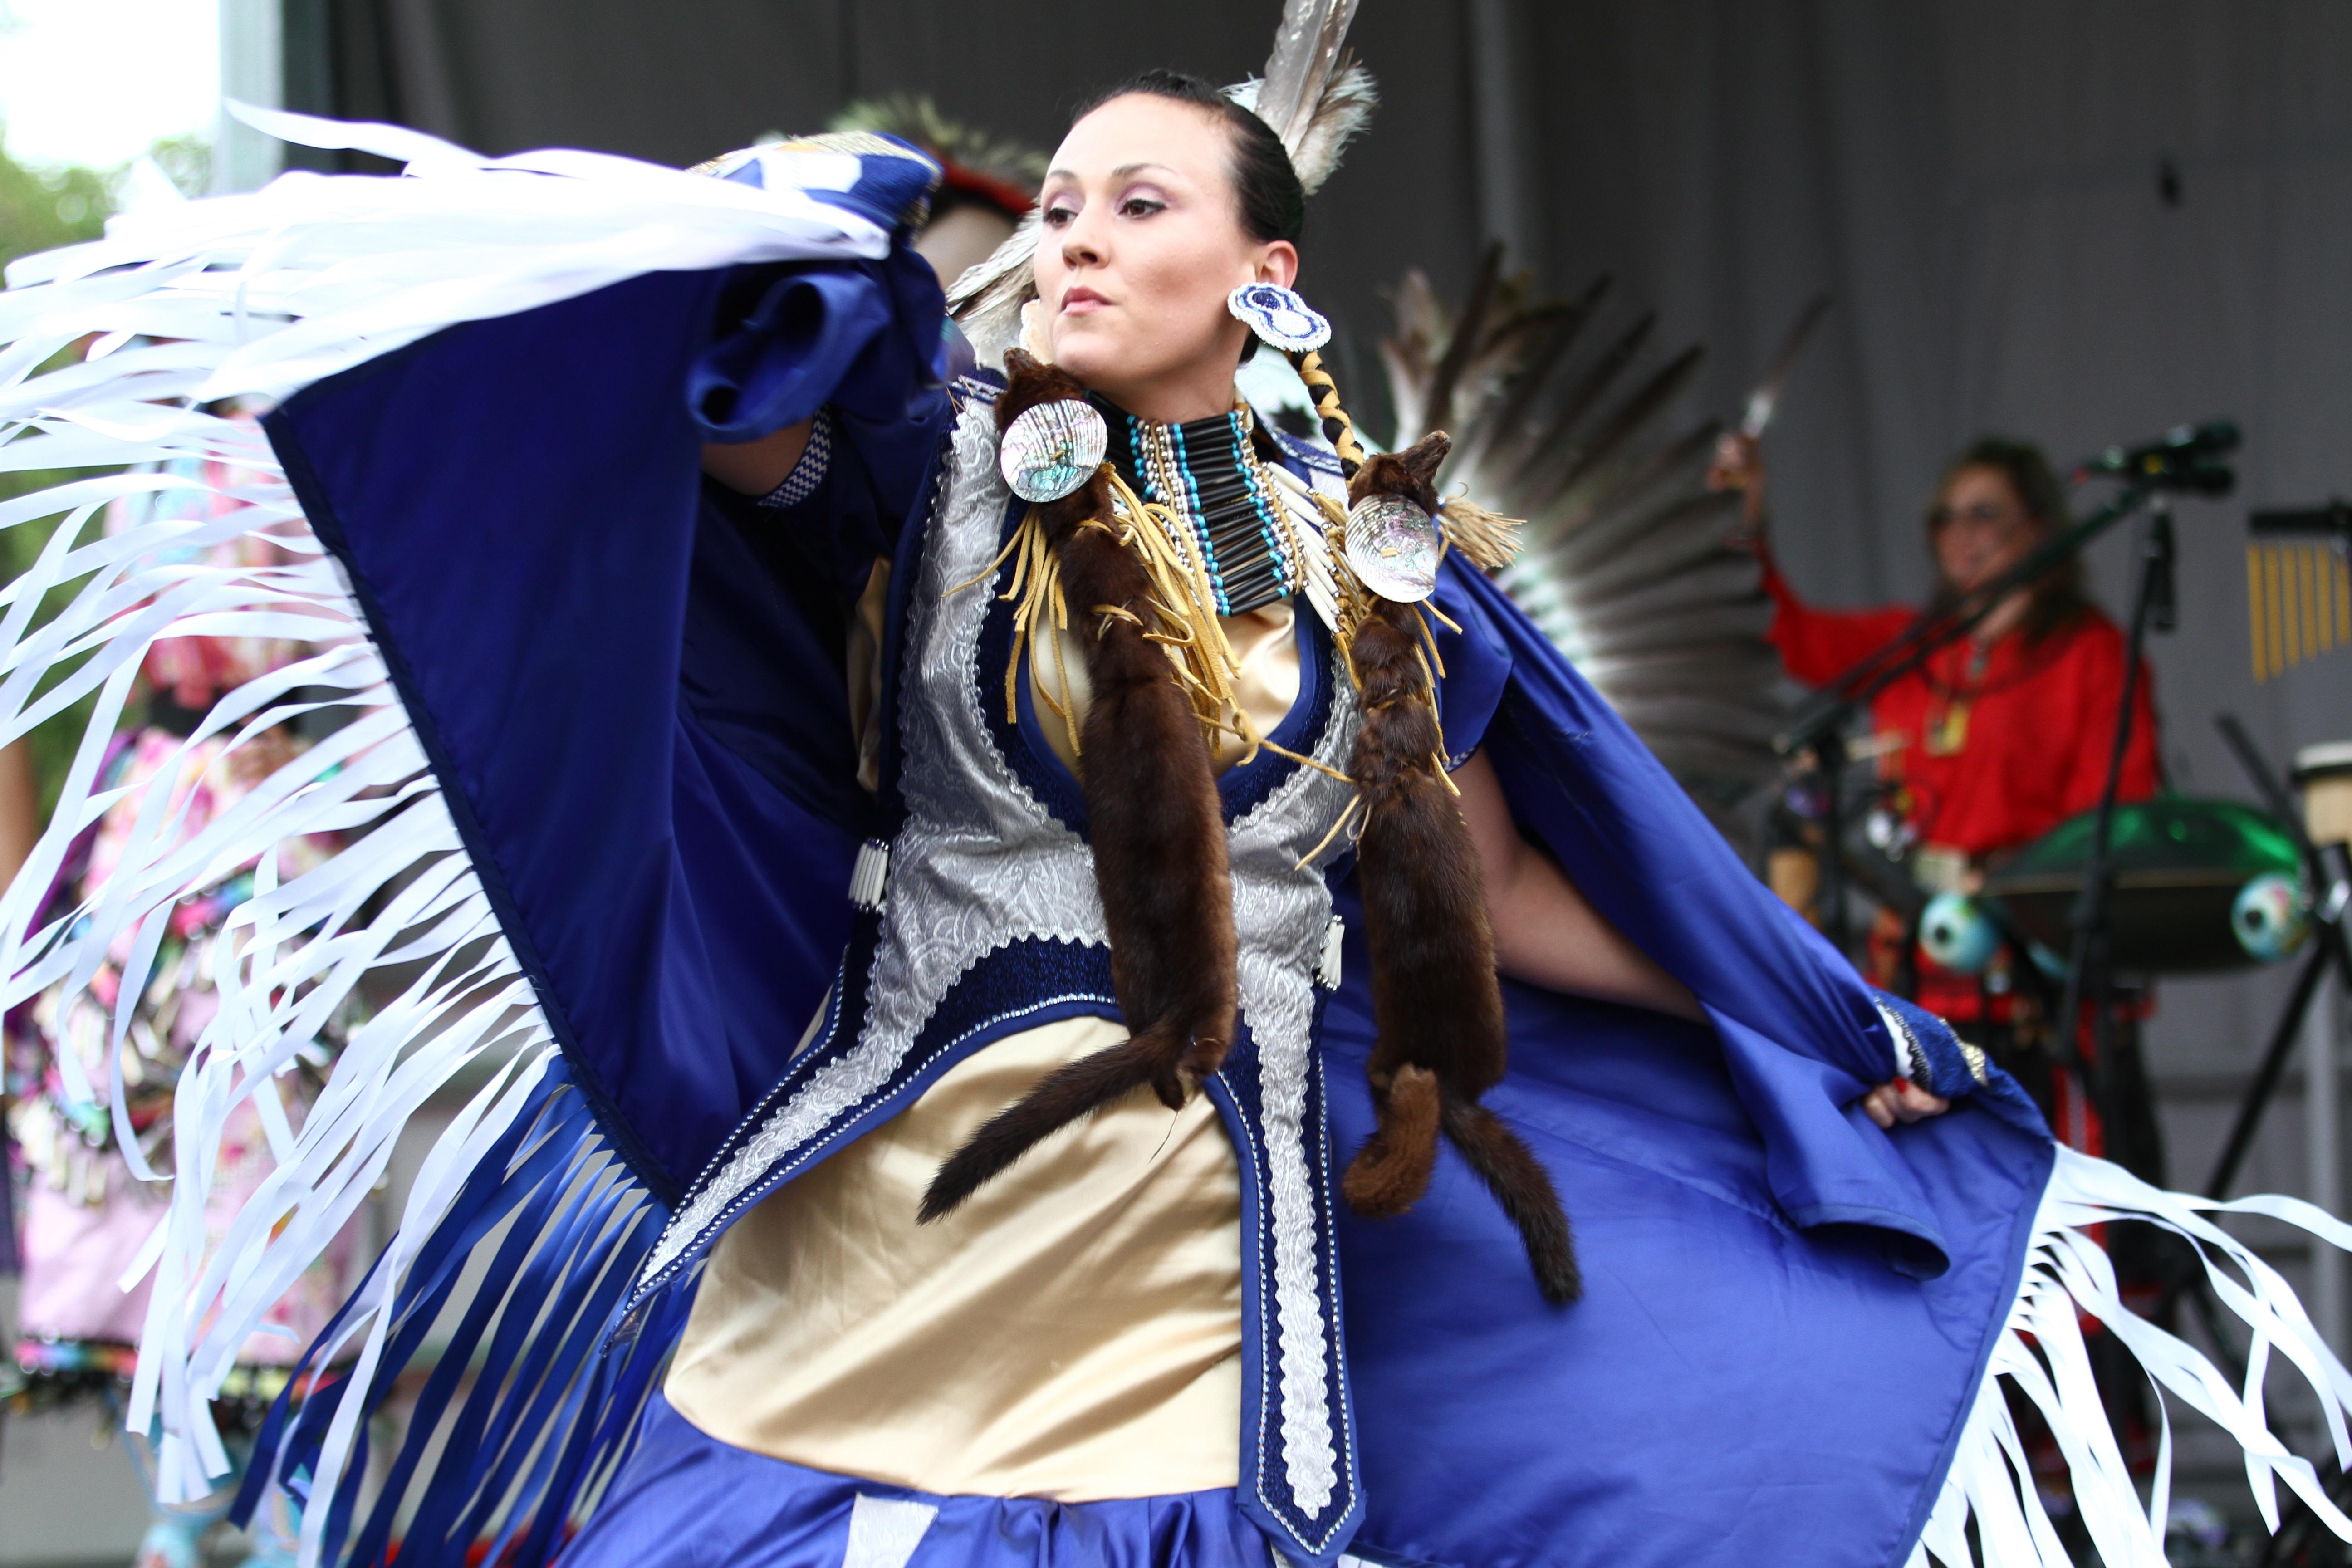 June 30, 2017 - Indigenous Evening at Major's Hill Park / le 30 juin 2017 - La Soirée autochtone au parc Major's Hill